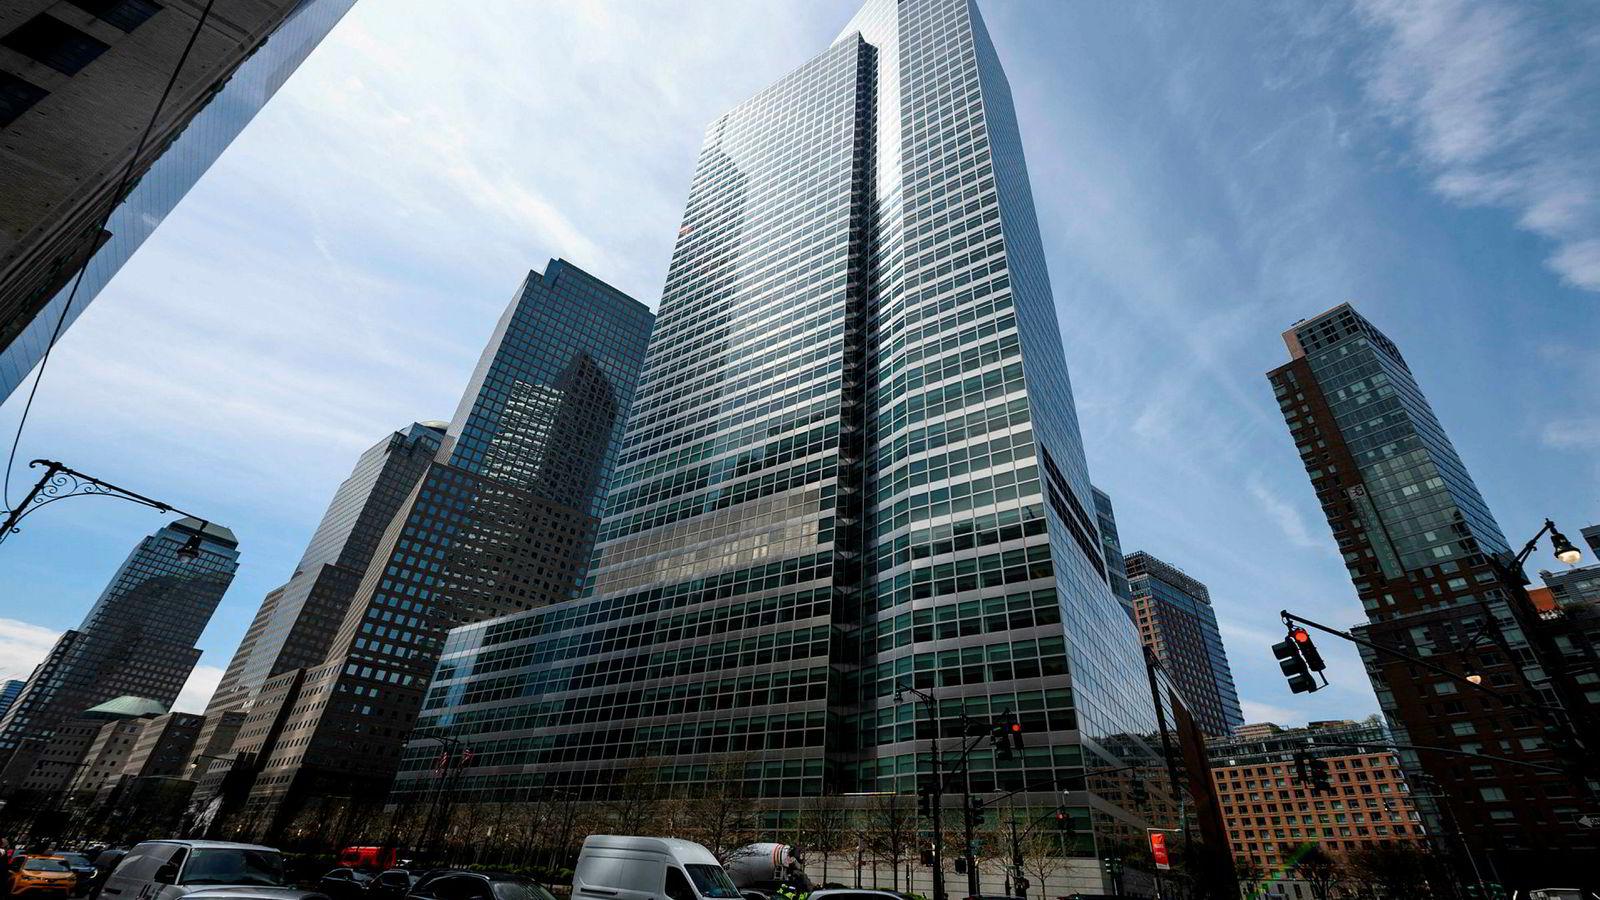 Goldman Sachs' hovedkvarter i New York.